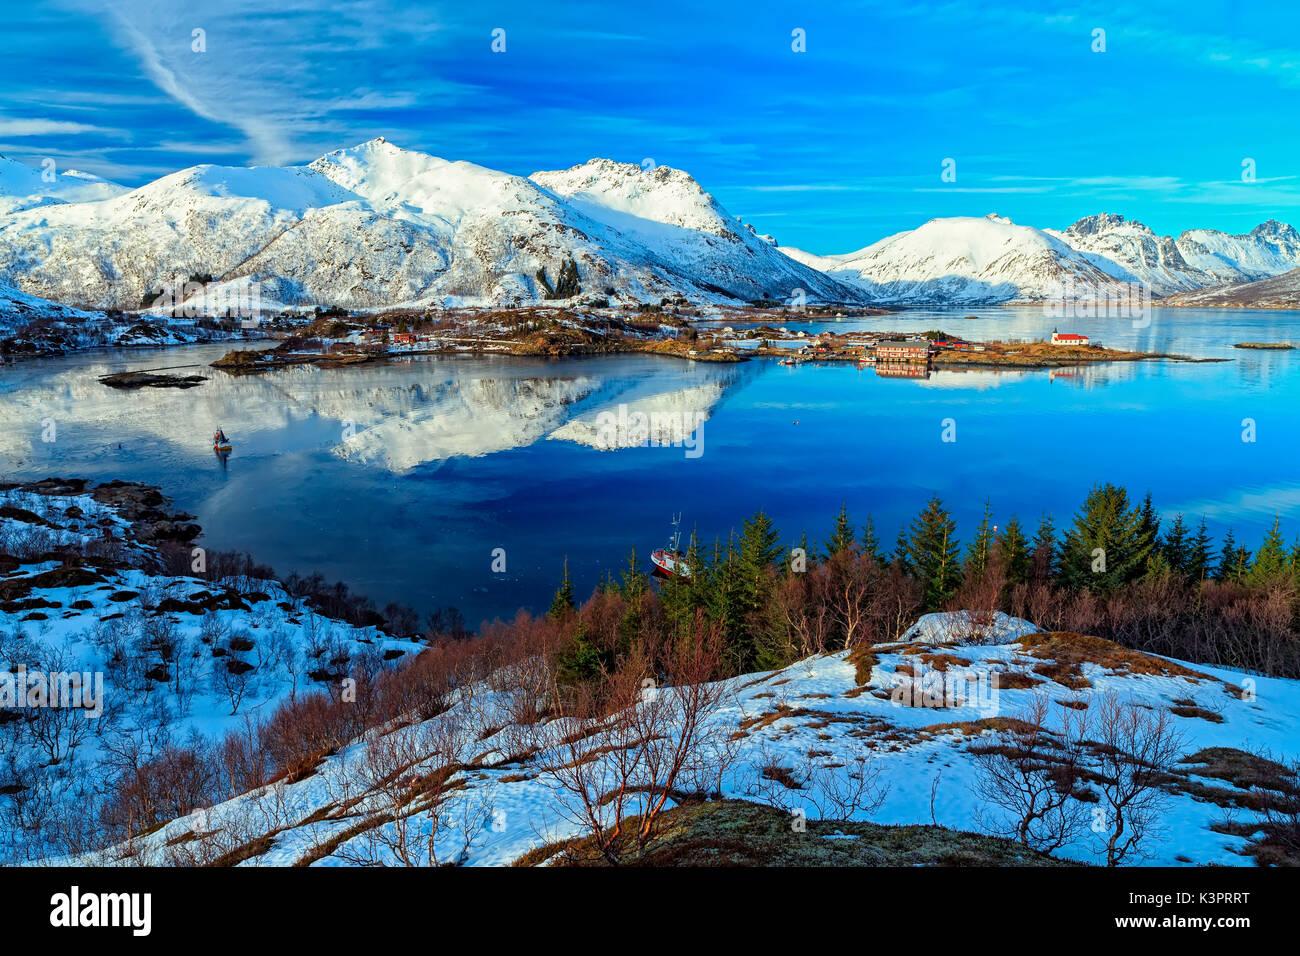 Snow coated Mountains reflect on the Waters of Austnesfjorden, Sildpollen, Lofoten Islands, Norway - Stock Image